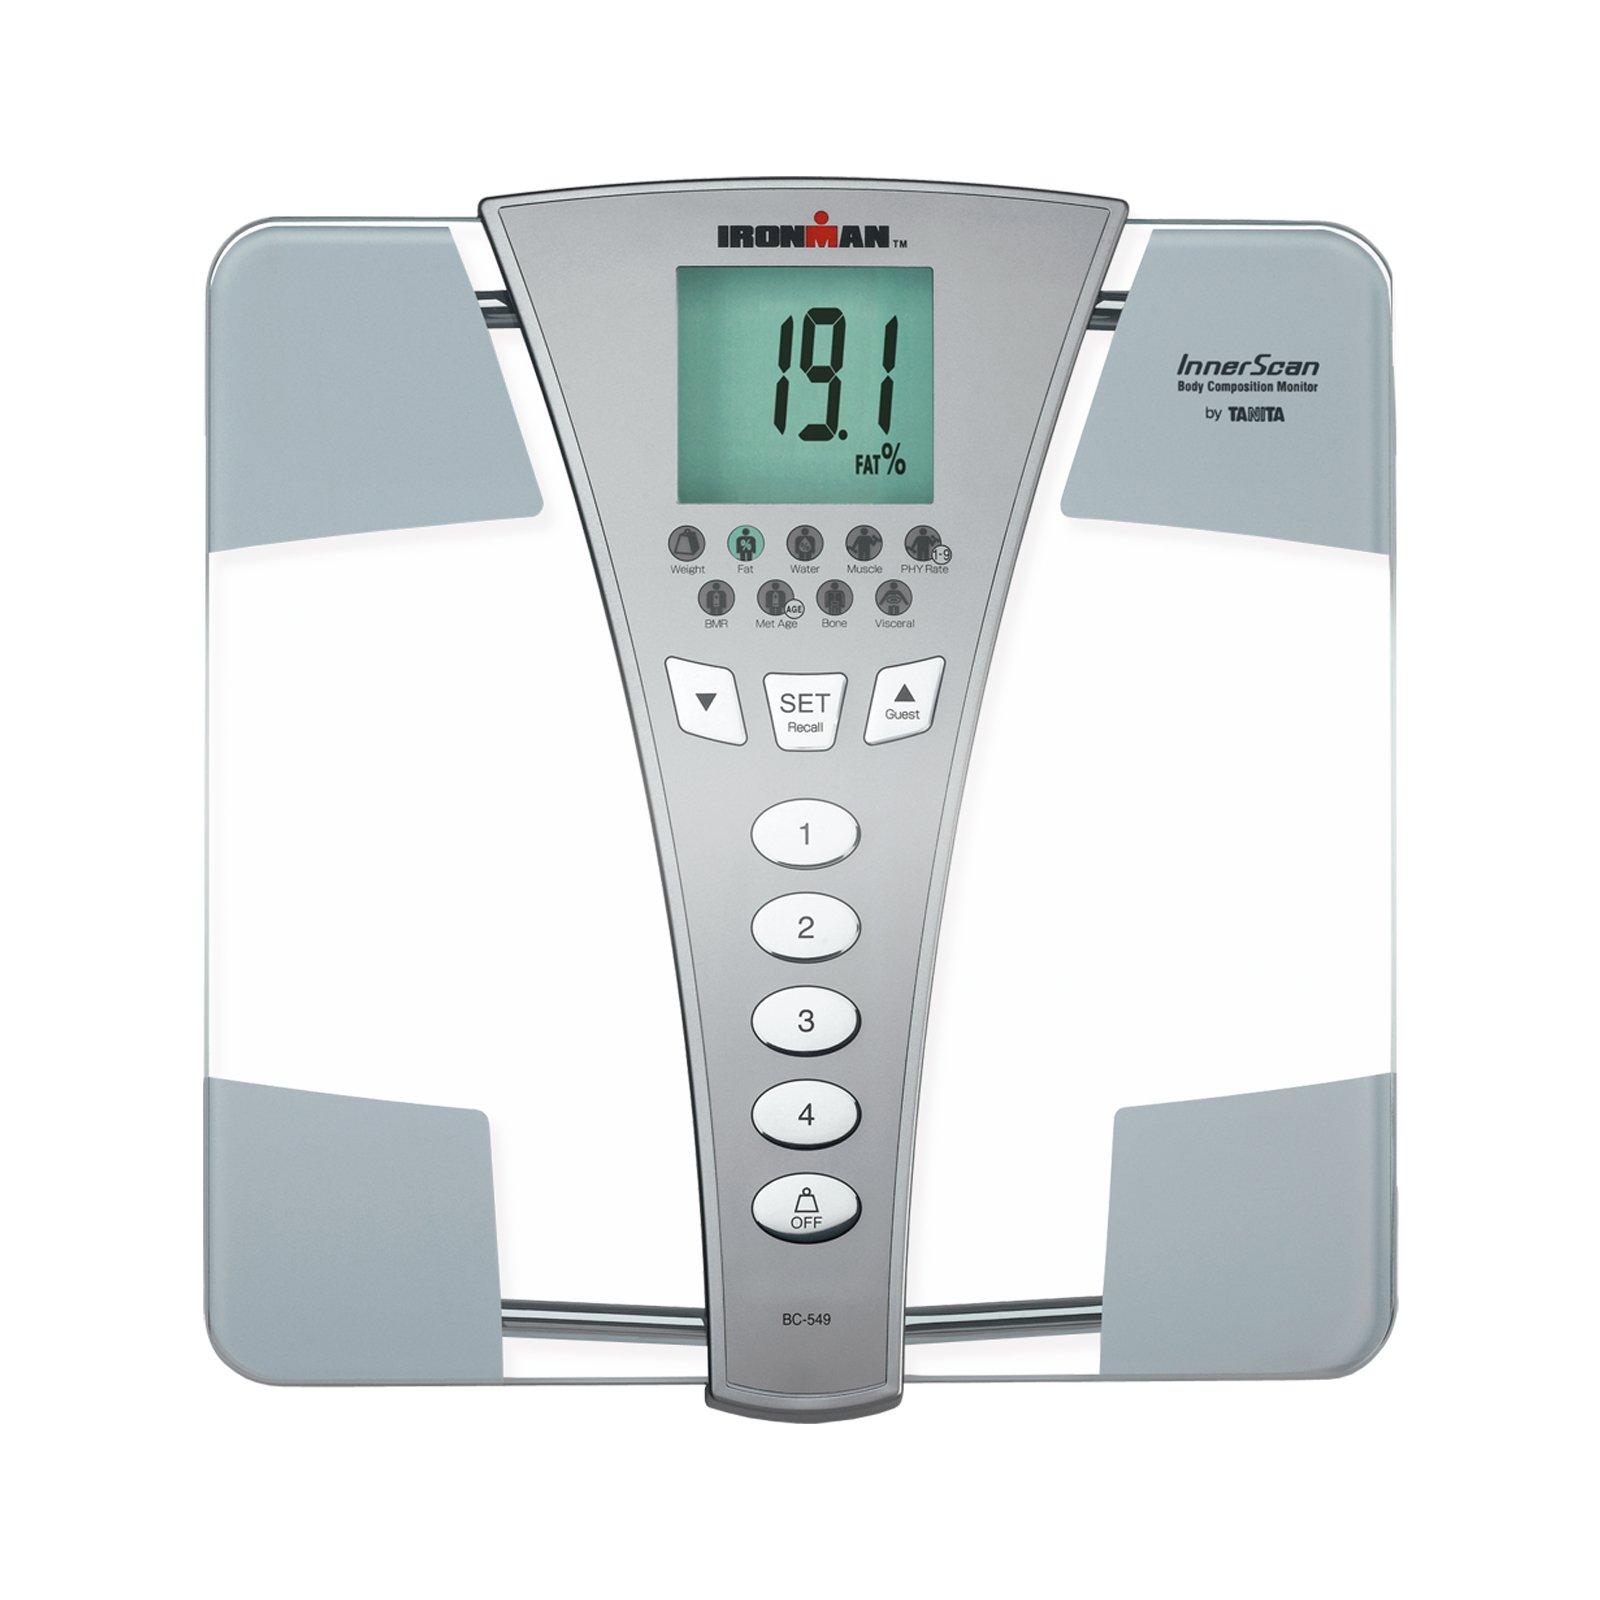 Tanita BC-549 Ironman Body Composition Monitor by TANITA